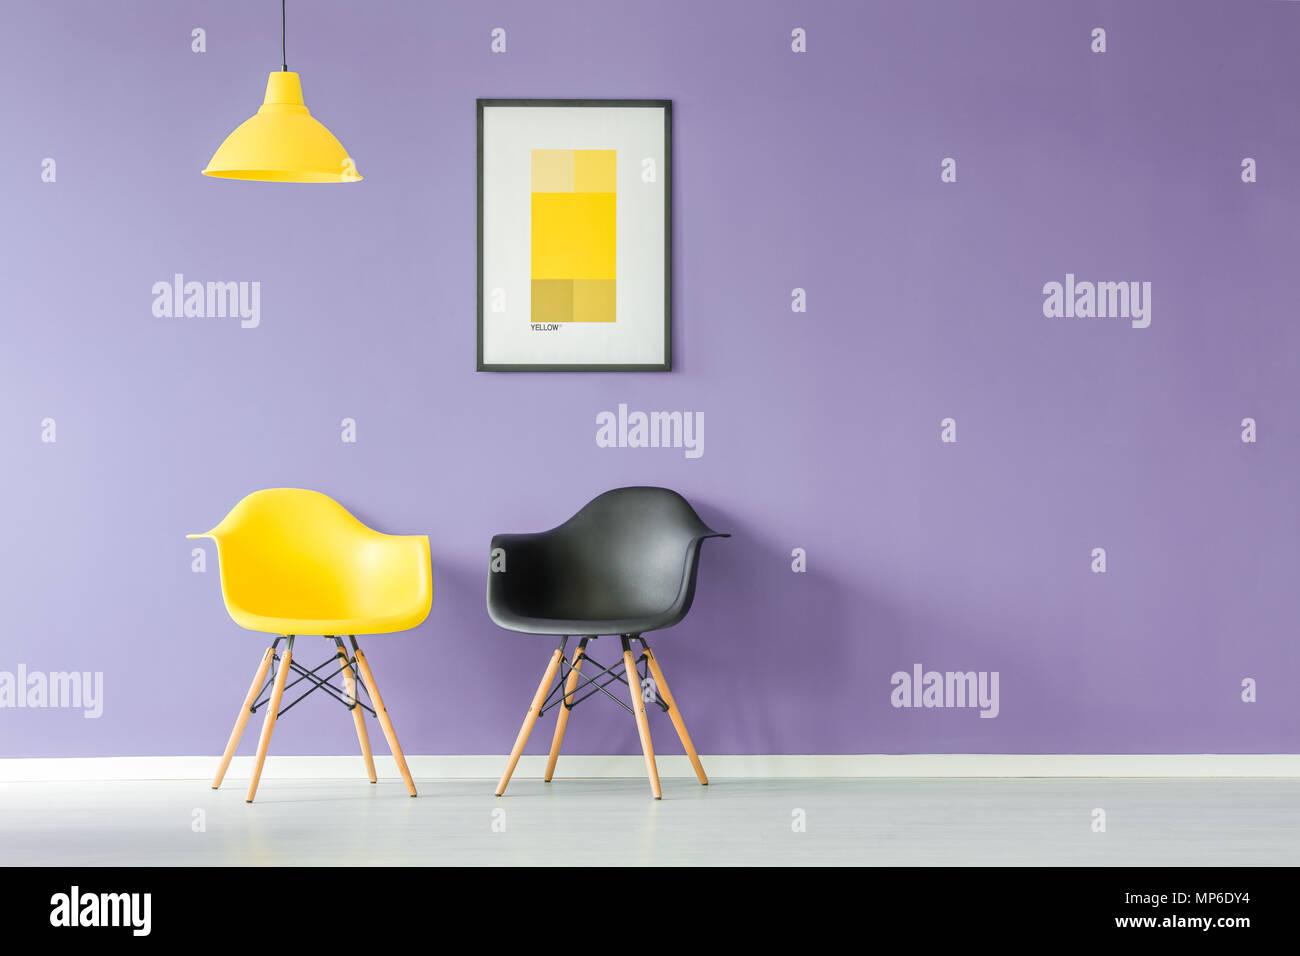 Vista frontale di contrasto di colore giallo e nero, sedie e una lampada gialla contro sfondo viola la parete con un poster in un minimo soggiorno inter Immagini Stock